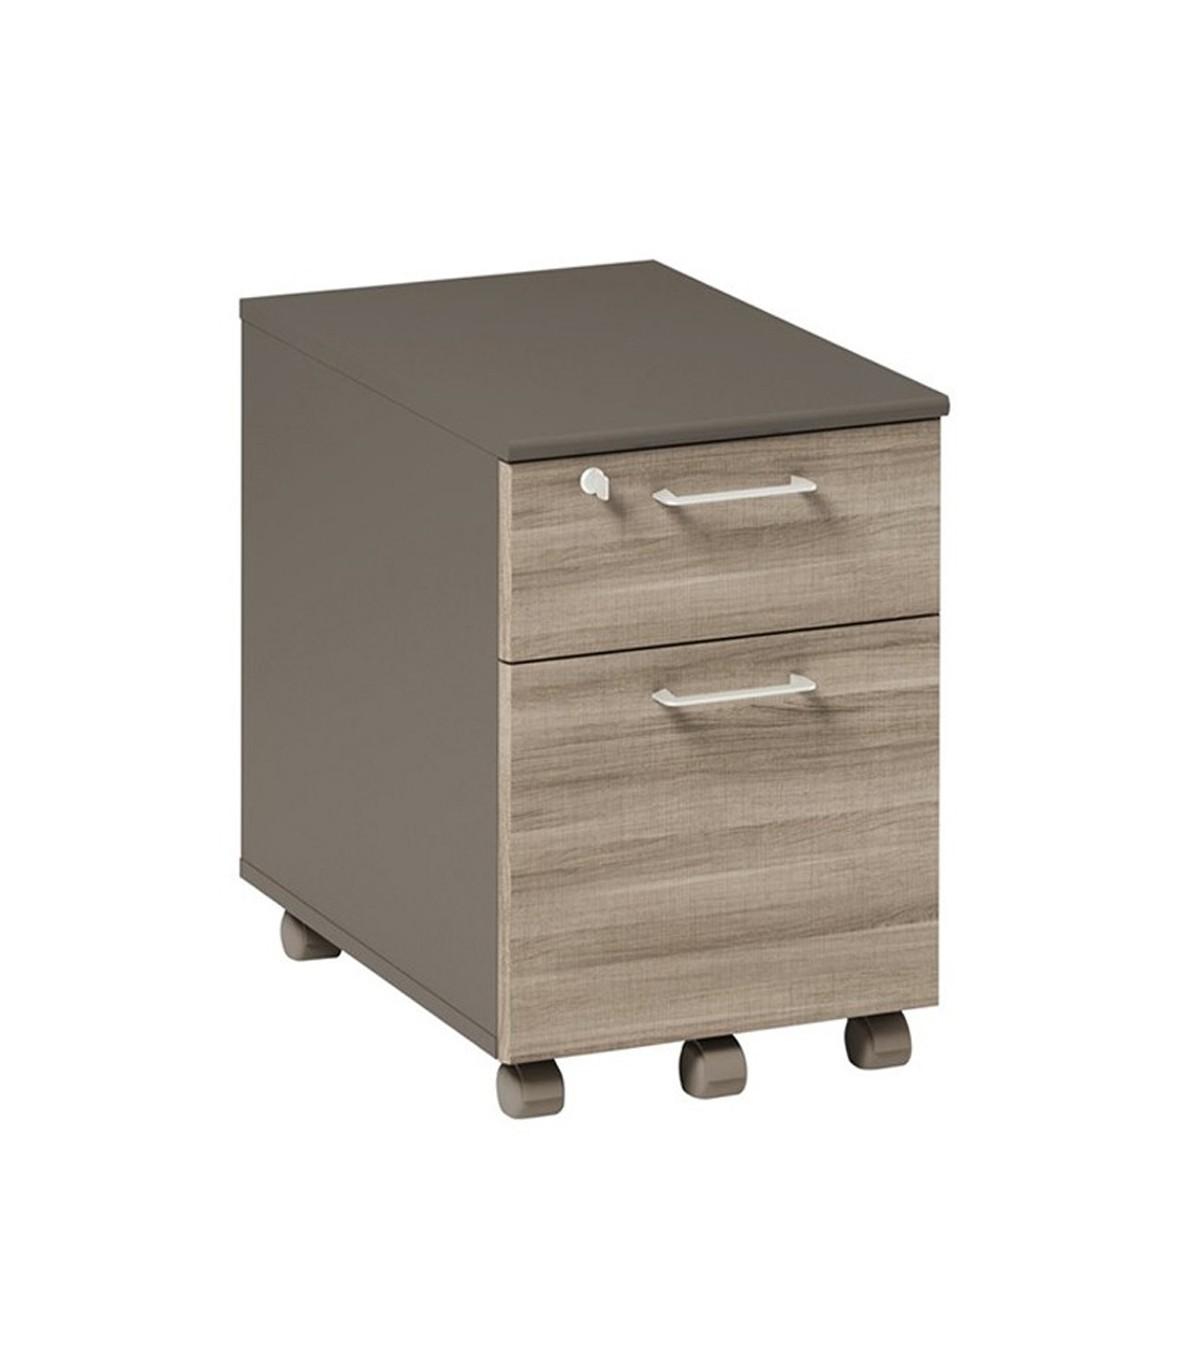 Caisson mobile 2 tiroirs avec roulettes - Marron foncé